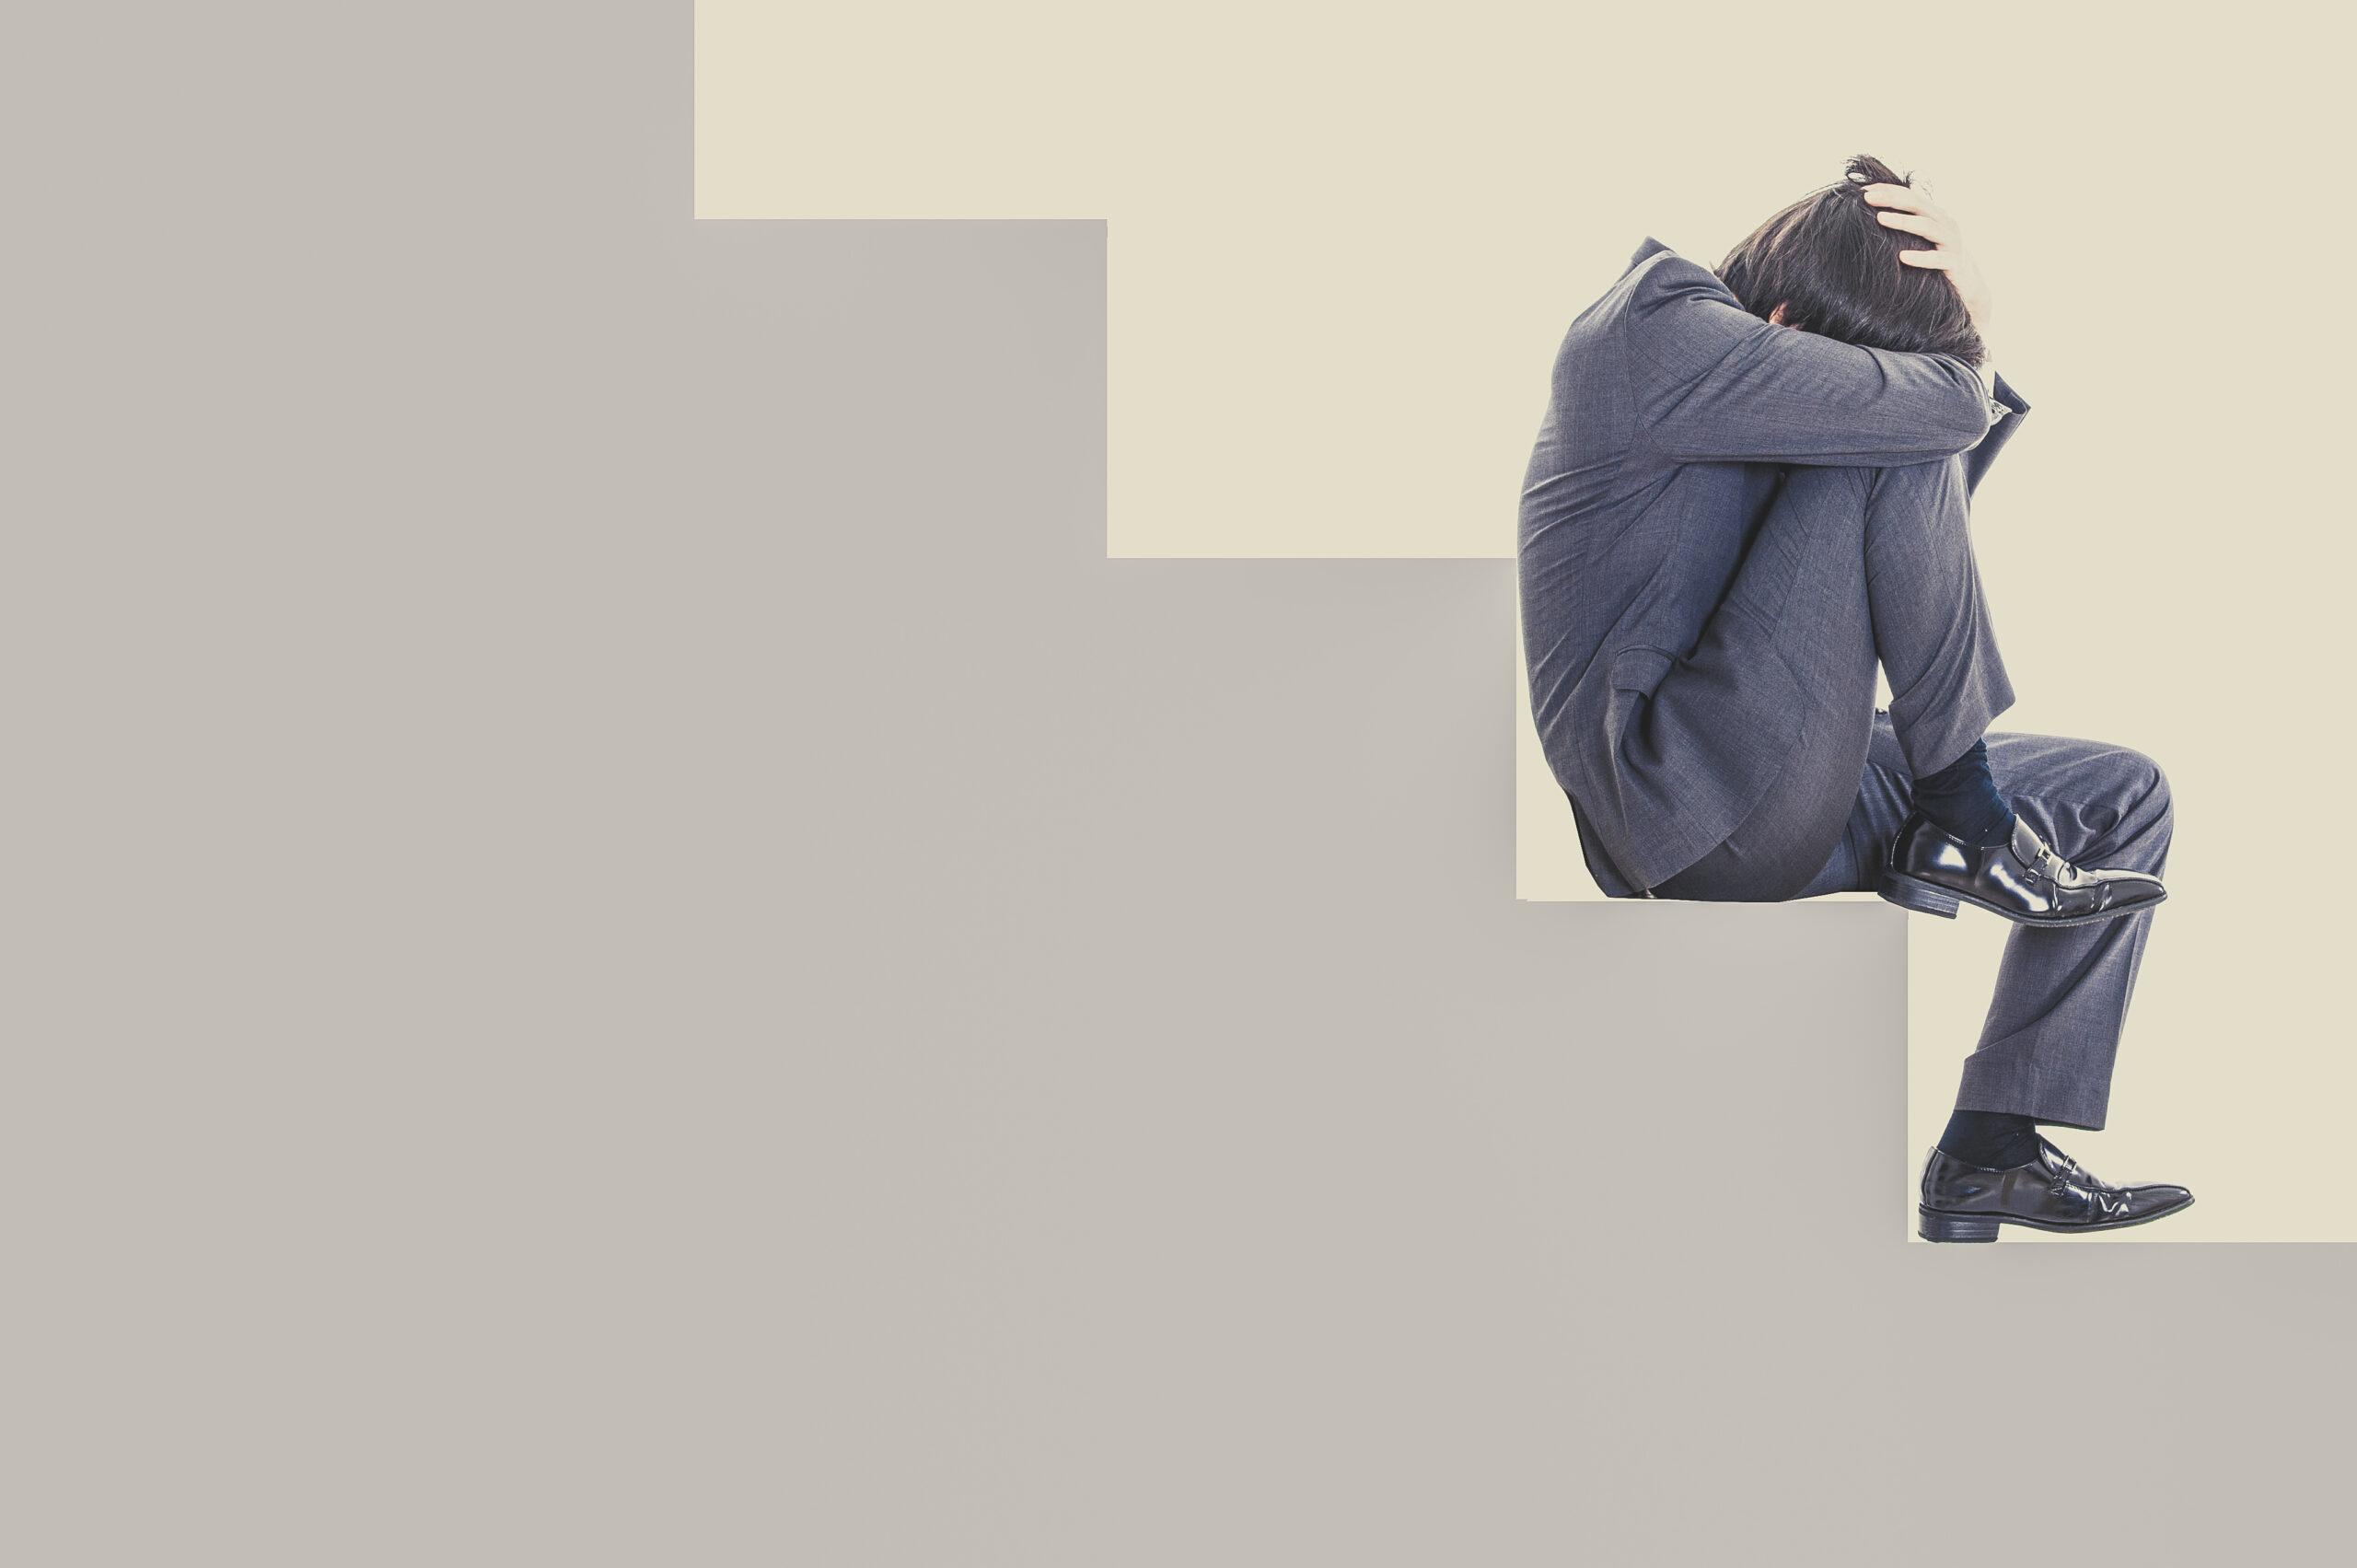 【23卒】就活スカウトで落ちることはある?【結論:落ちることは多いです】